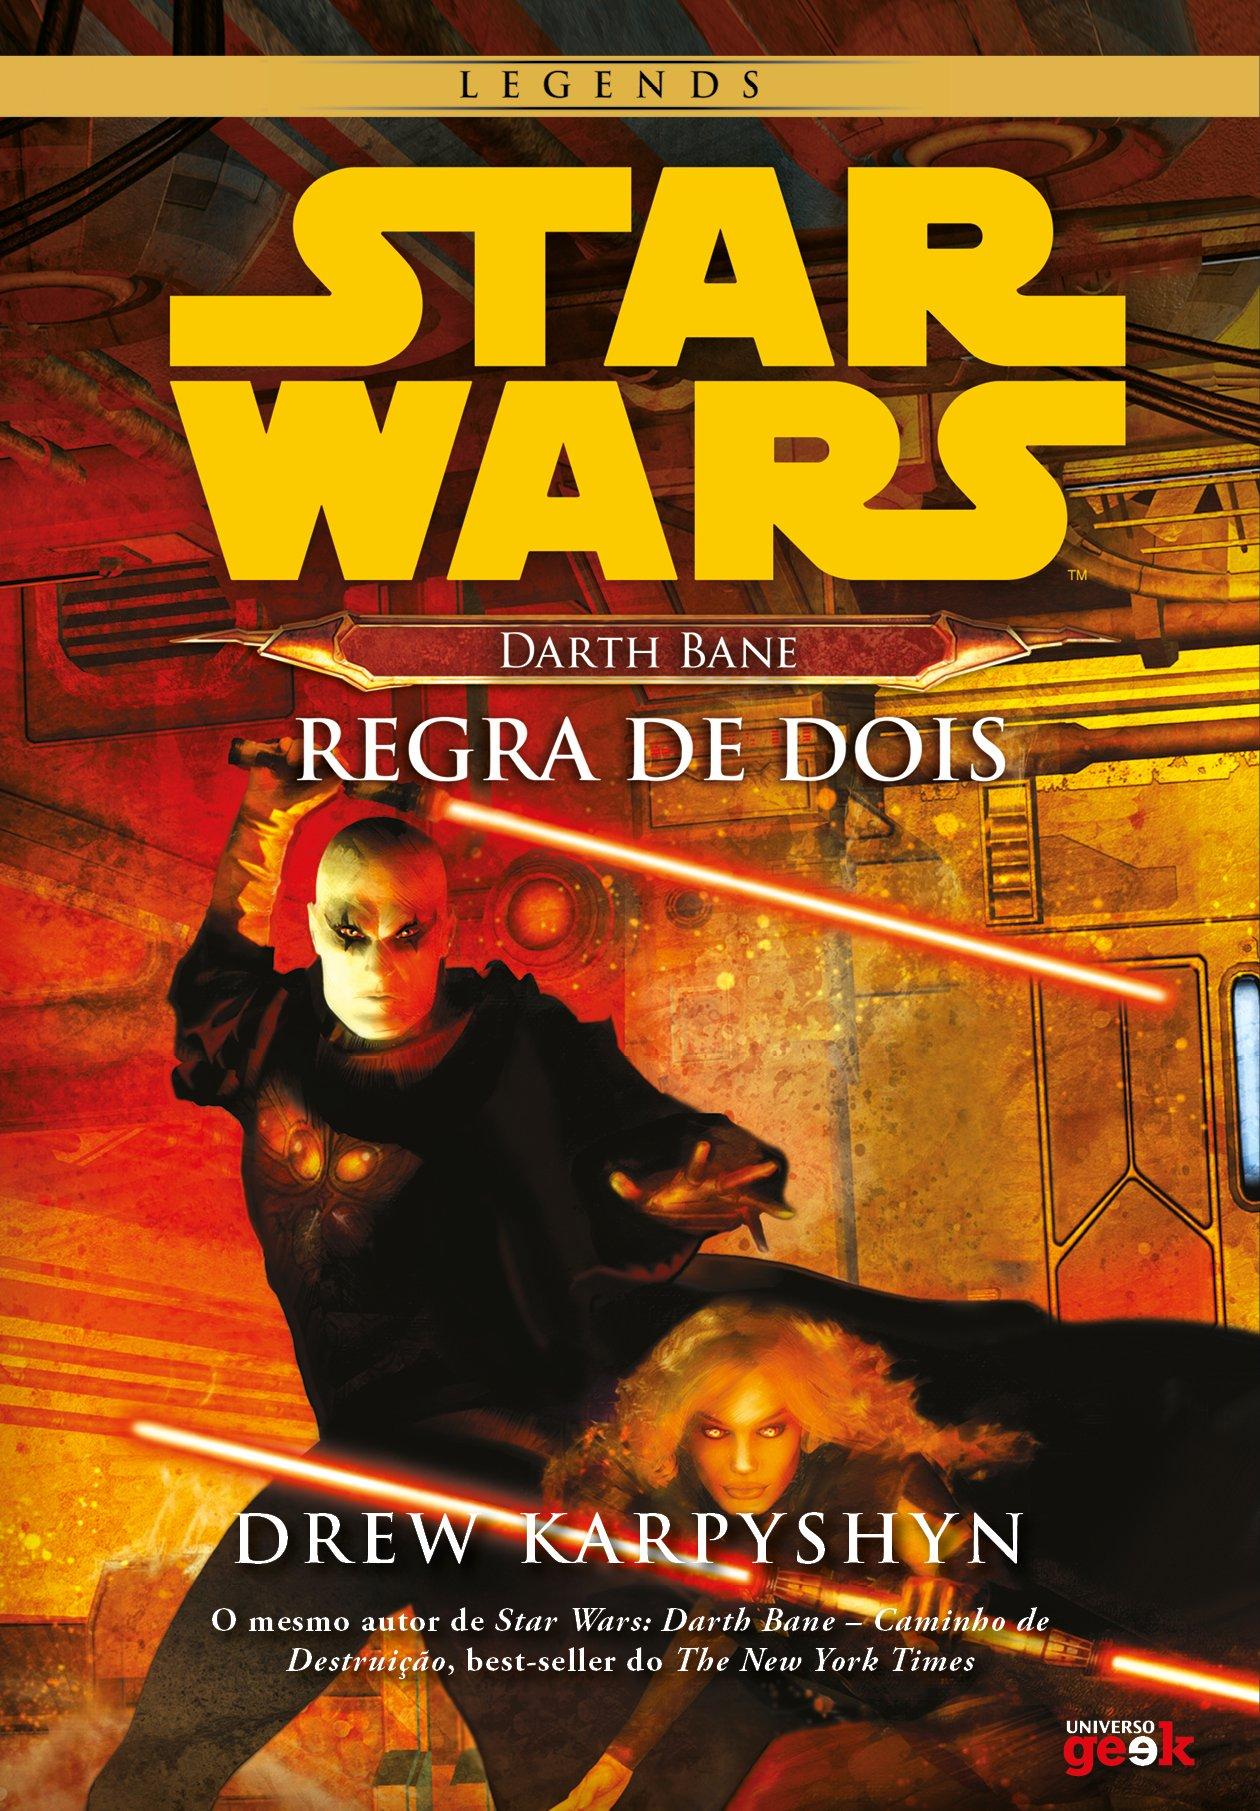 0b7bae4a82aa16 Star Wars. Darth Bane. Caminho de Destruição - Livros na Amazon ...